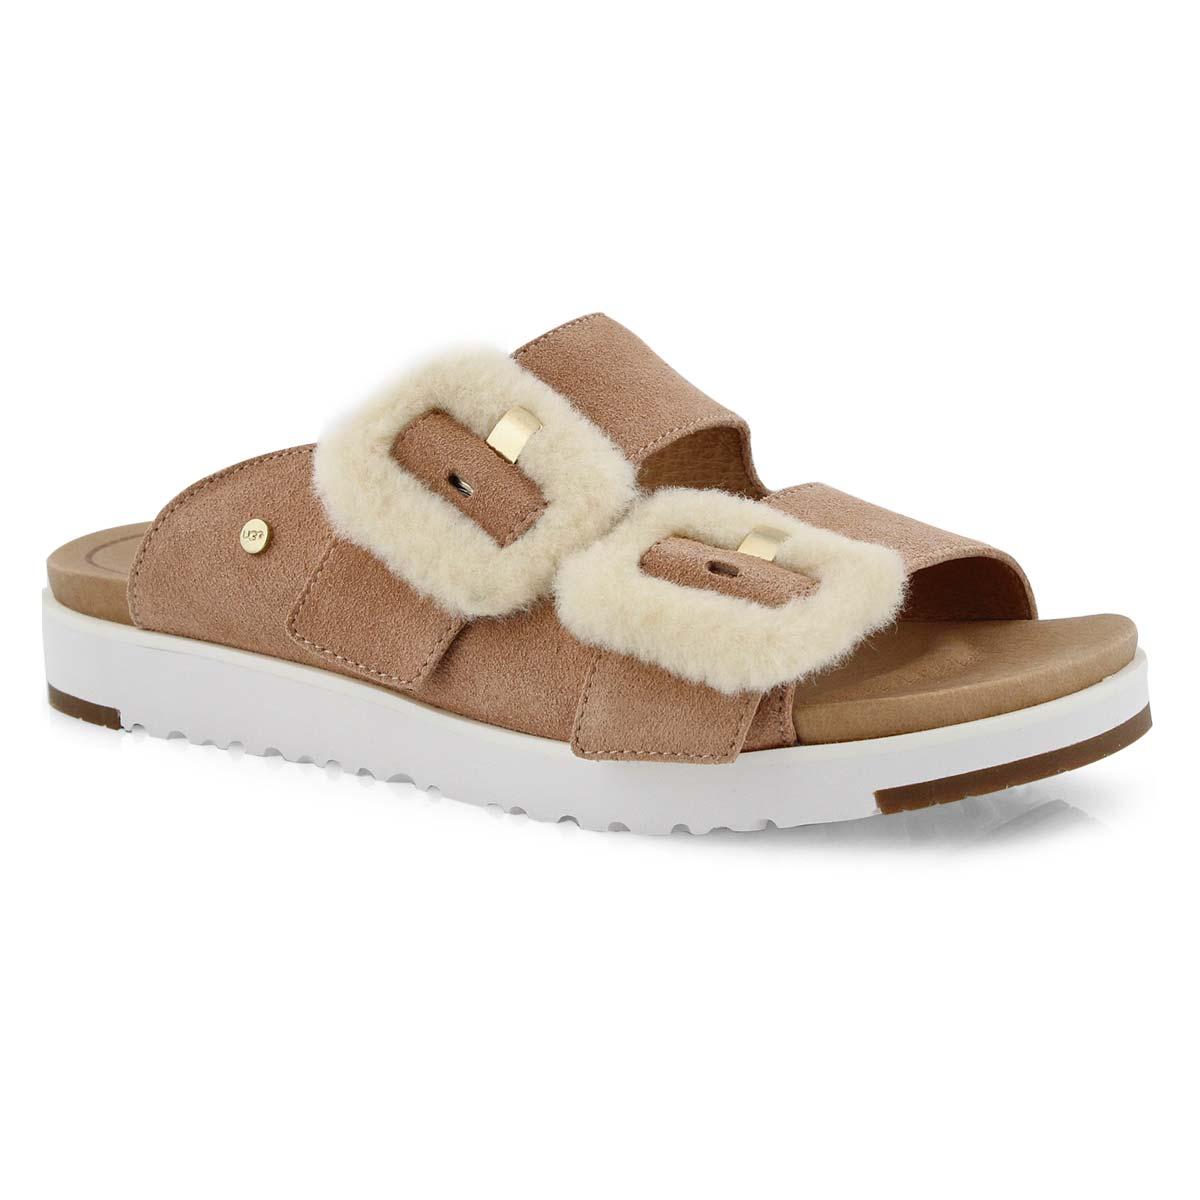 Women's FLUFF INDIO arroyo casual slide sandals